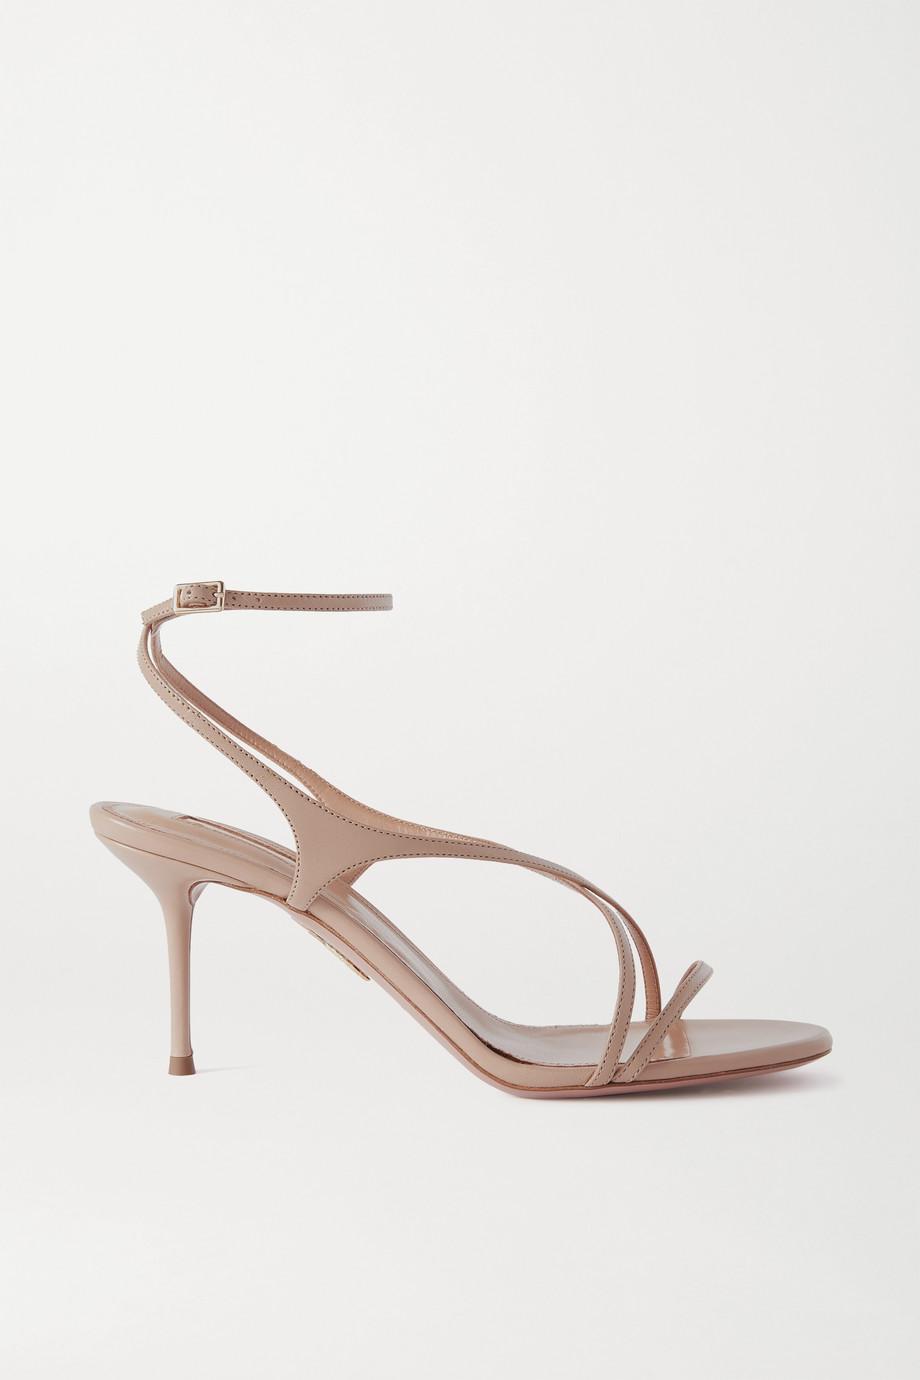 Aquazzura Candie 75 皮革凉鞋